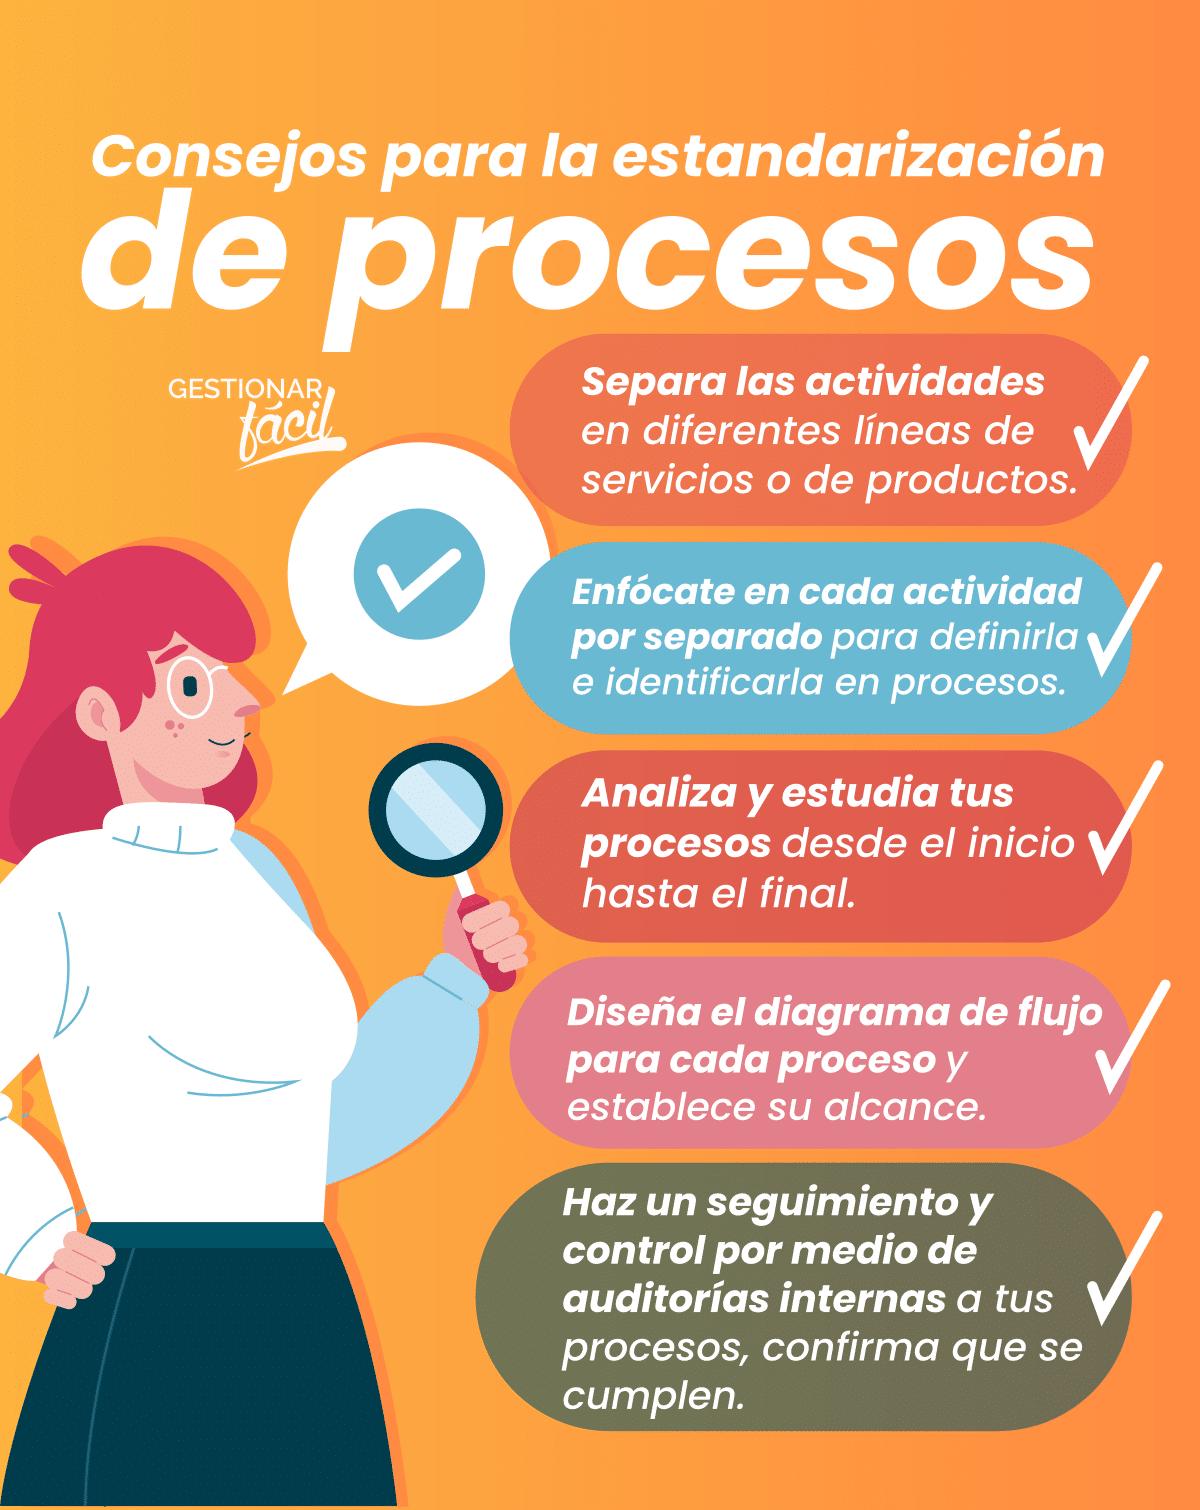 Consejos para la estandarización de procesos.